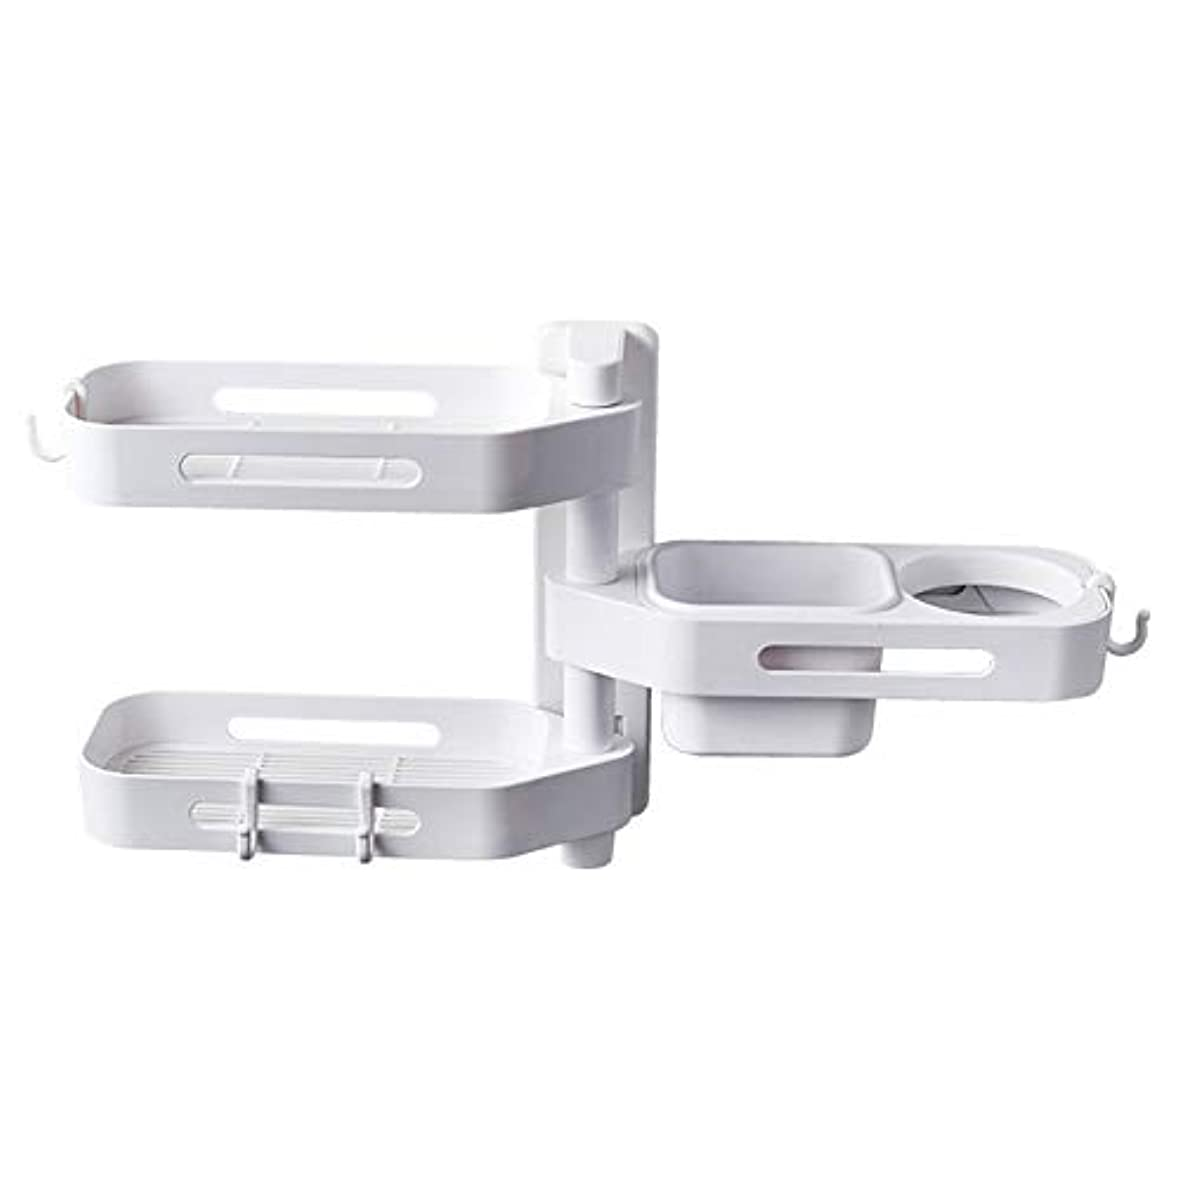 注意注意測るCoolTack 3層ソープトレイプラスチック取り外し可能な収納オーガナイザーを回転させるソープディッシュ接着剤ホルダー